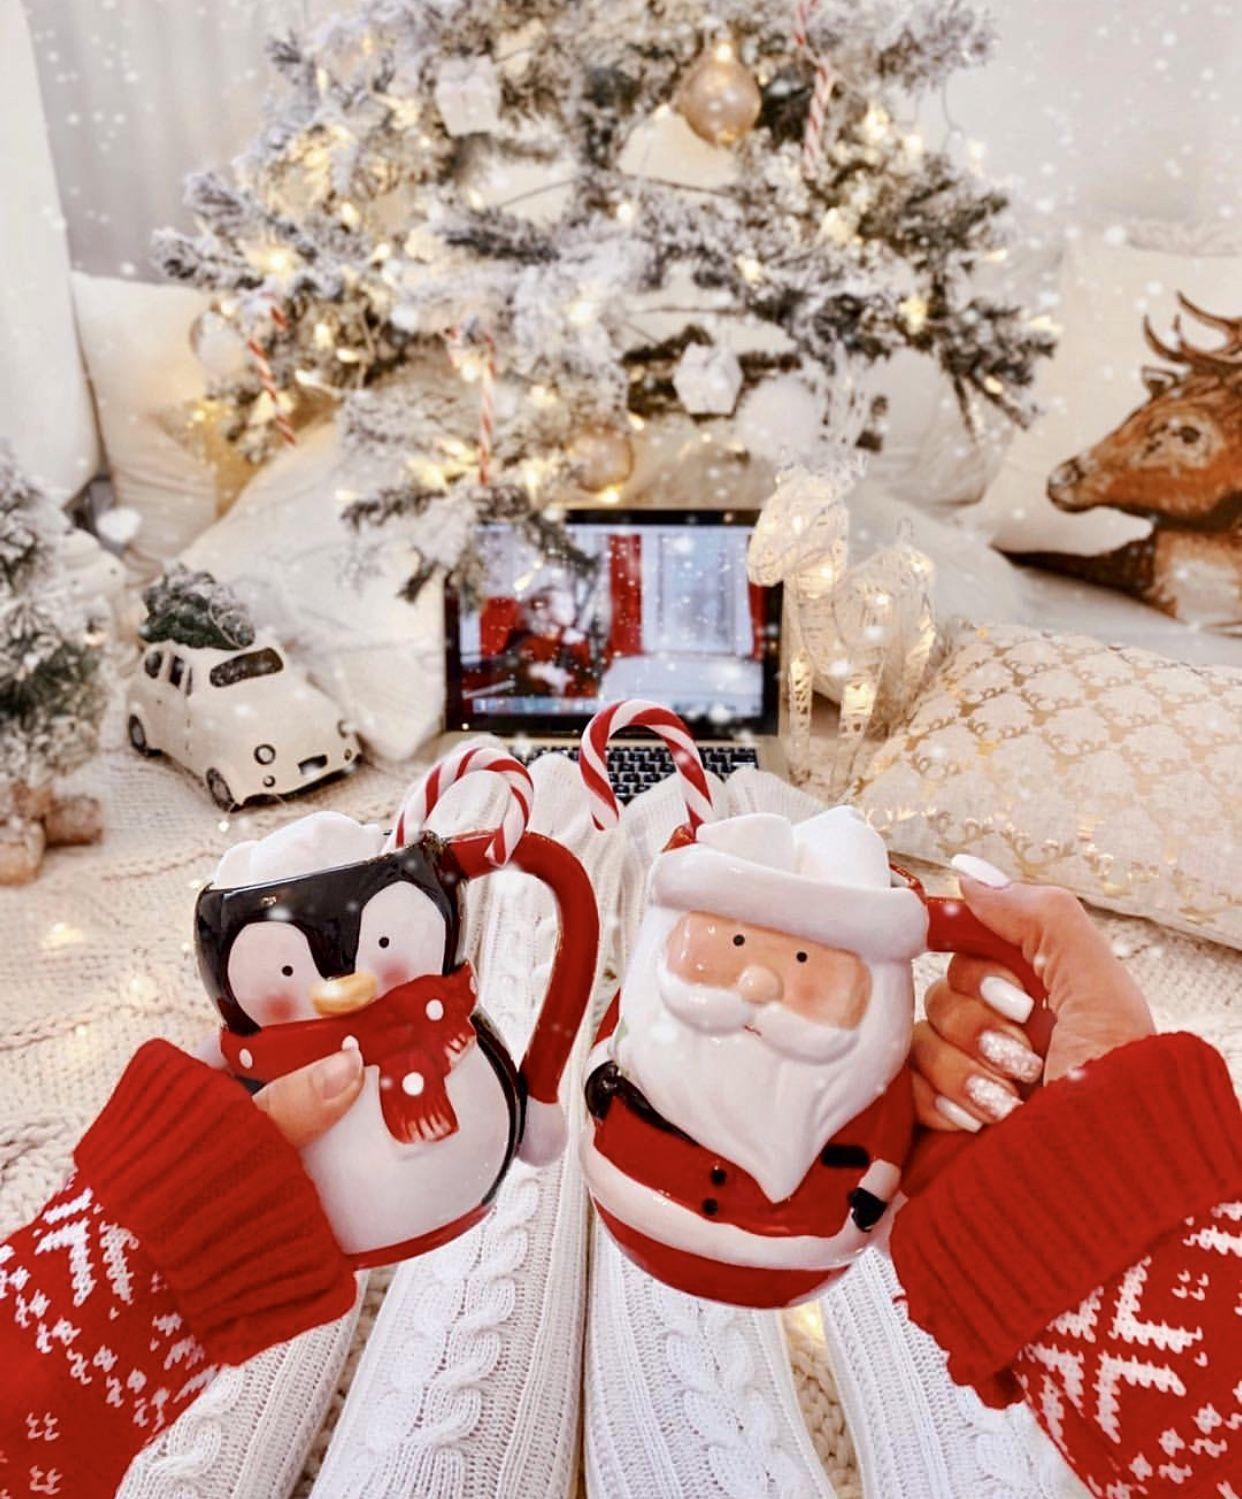 Christmas Wallpaper Aesthetic: Fun Christmas Decorations, Christmas